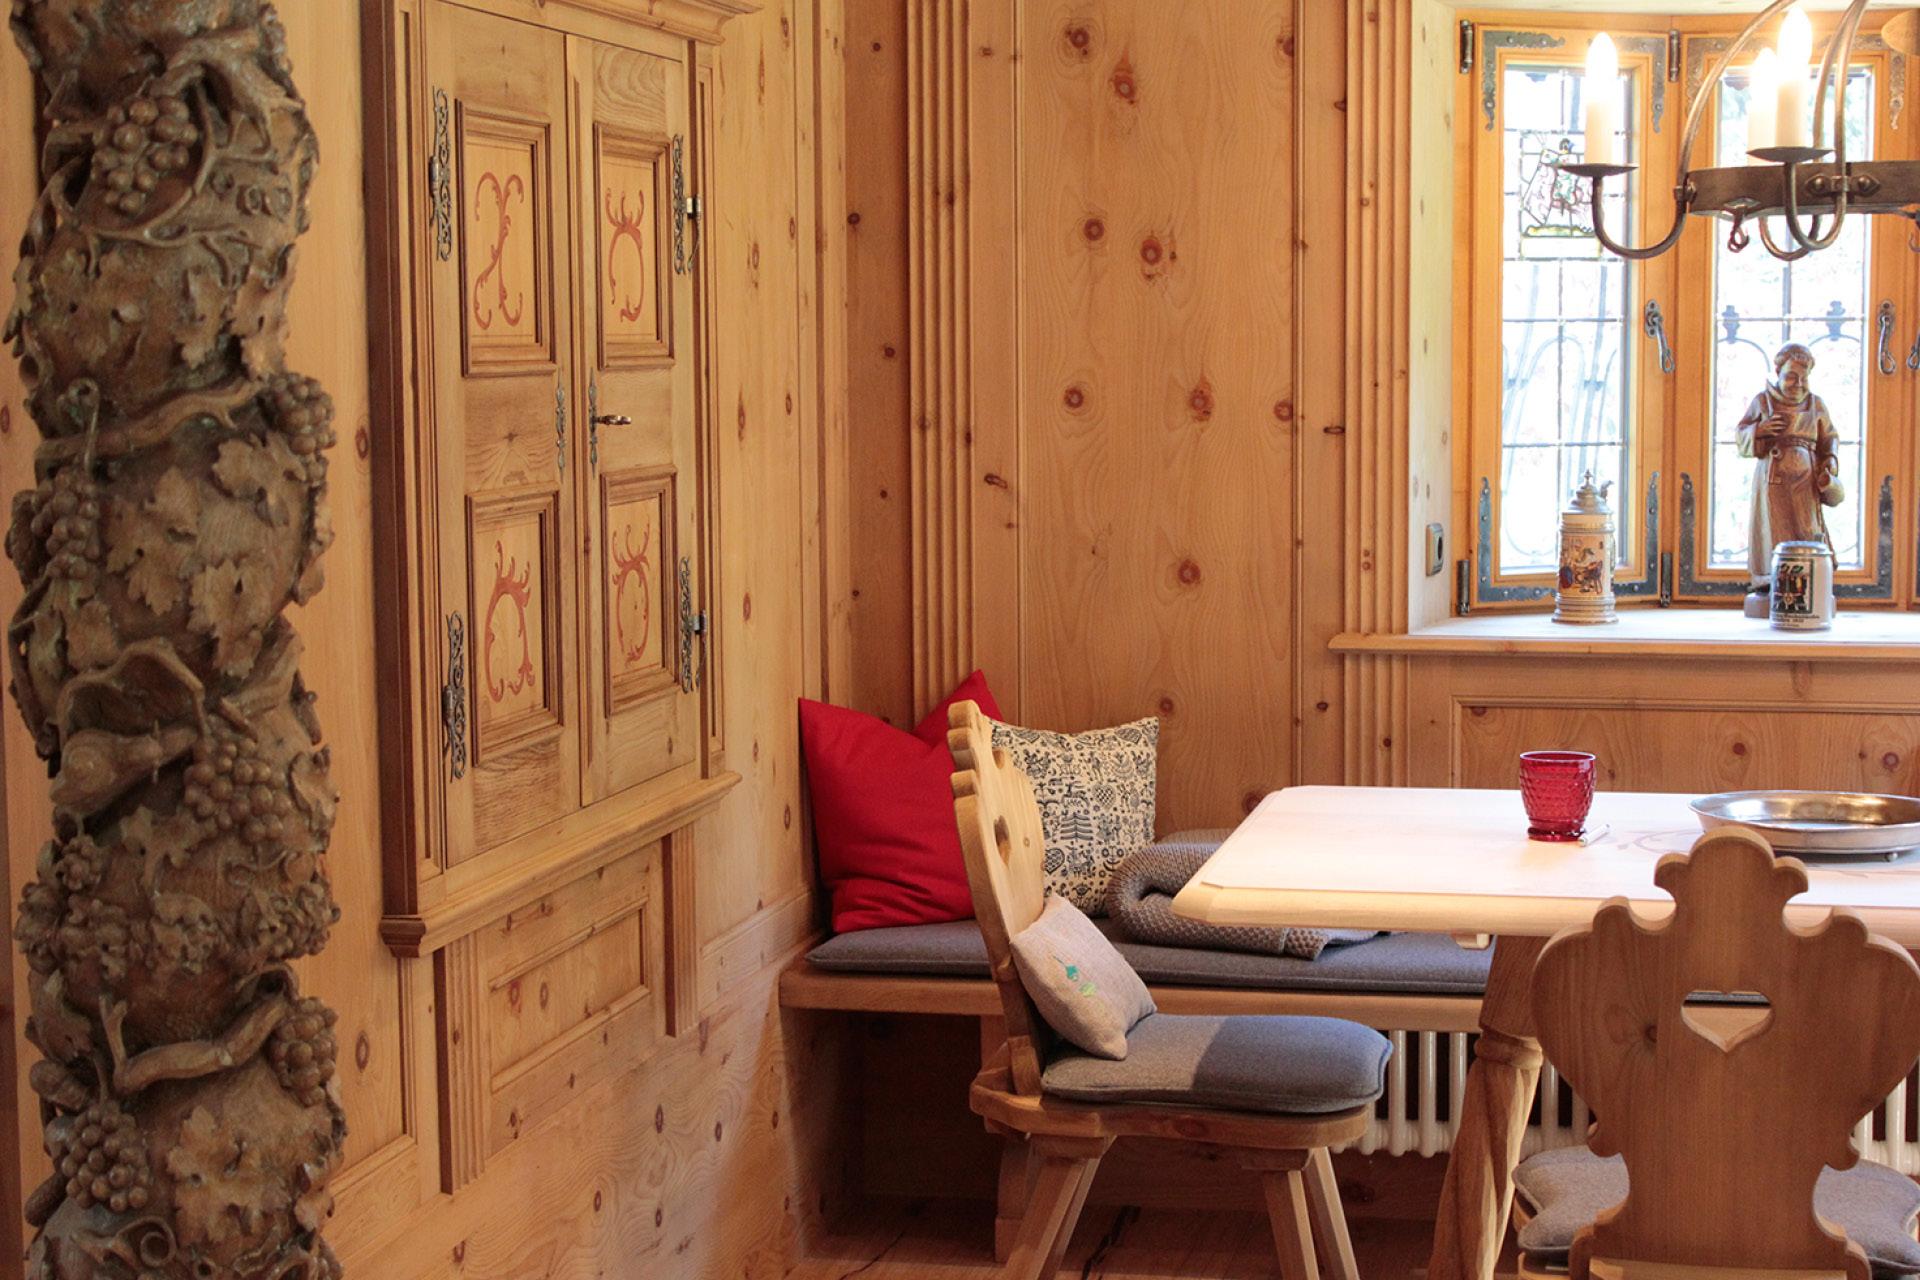 Tischlerei-Decker-Neuigkeiten-Auszeichnung-Gestaltung-und-Tischlerhandwerk-Bauernstueberl